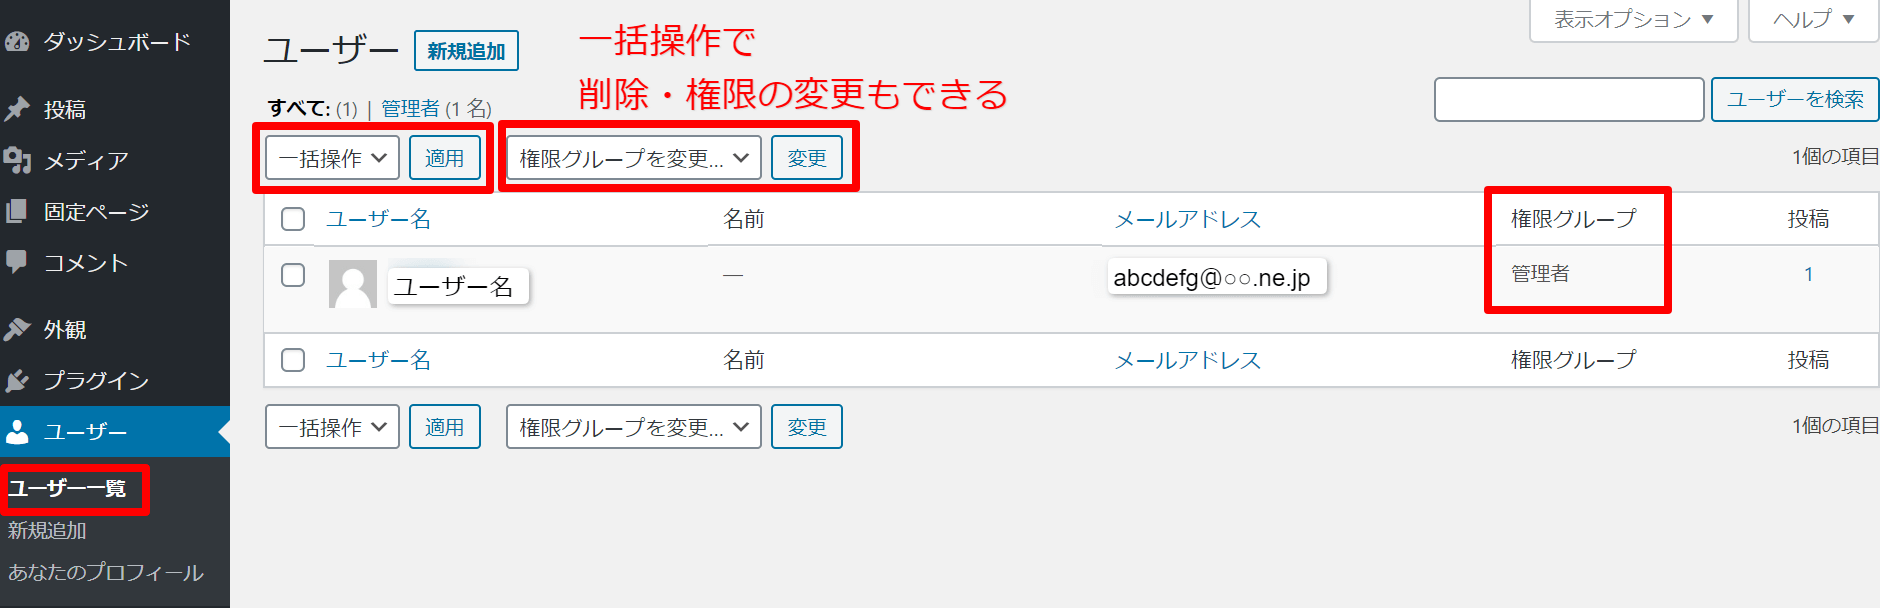 ユーザーの一括操作